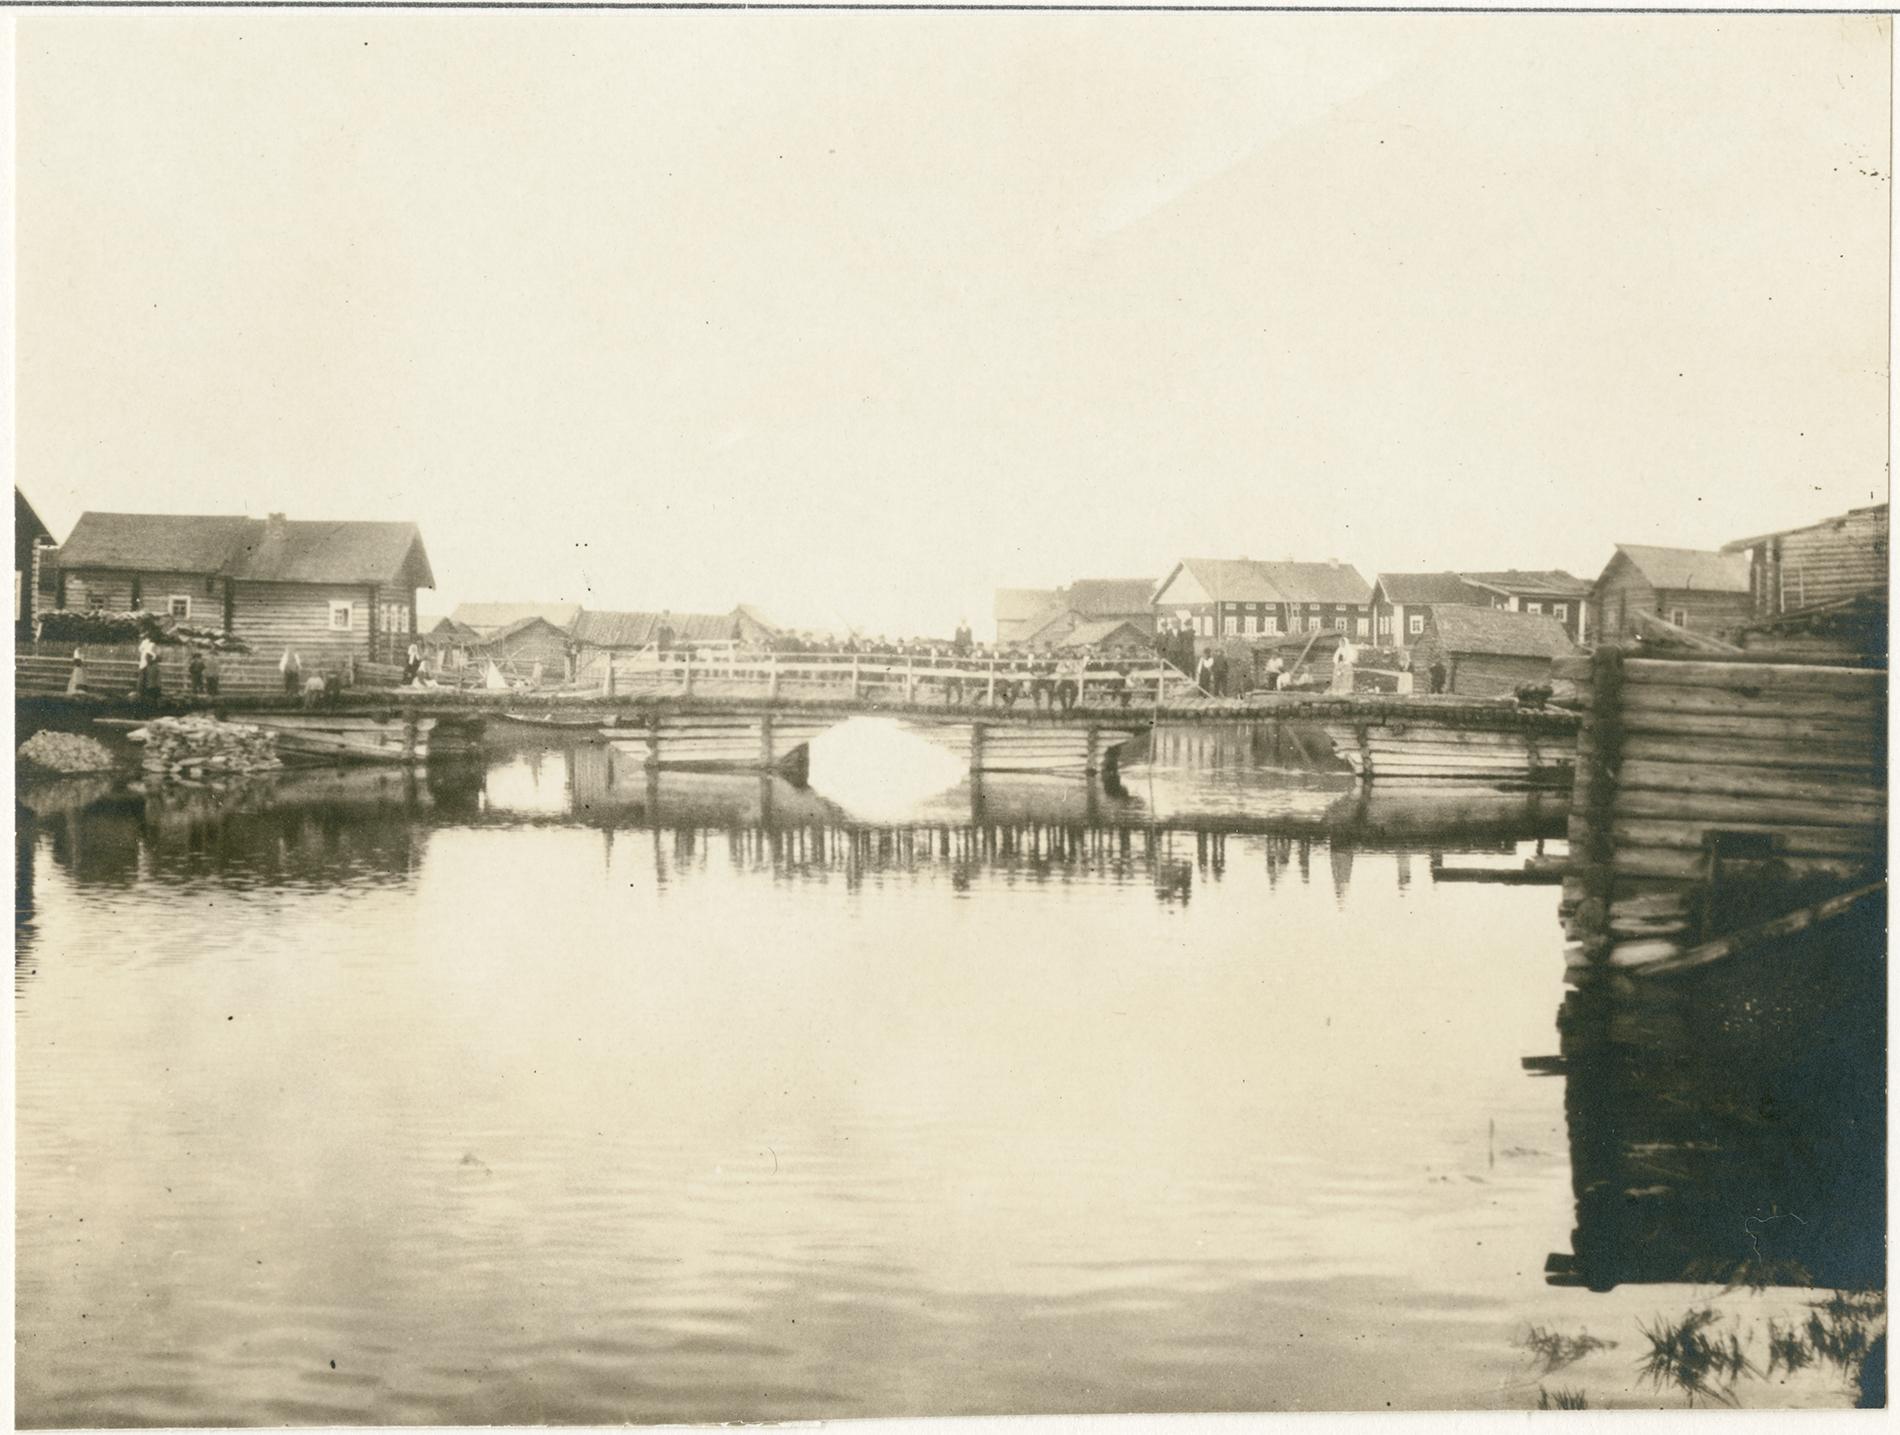 Lamminpohjan miehet sillalla pyhäiltana. Kuvattu Uhtuan Lamminpohjassa 1915. Kuva: A.O. Väisänen. SKS KRA.